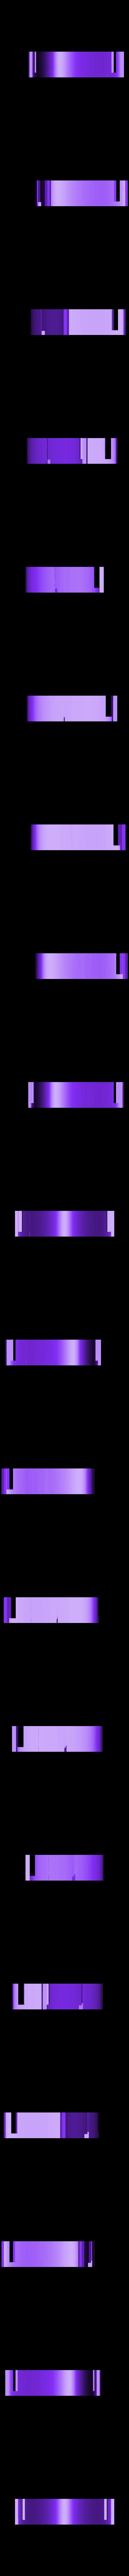 pince.stl Télécharger fichier STL Pince nez pour masque ! COVID 19 • Objet imprimable en 3D, n256